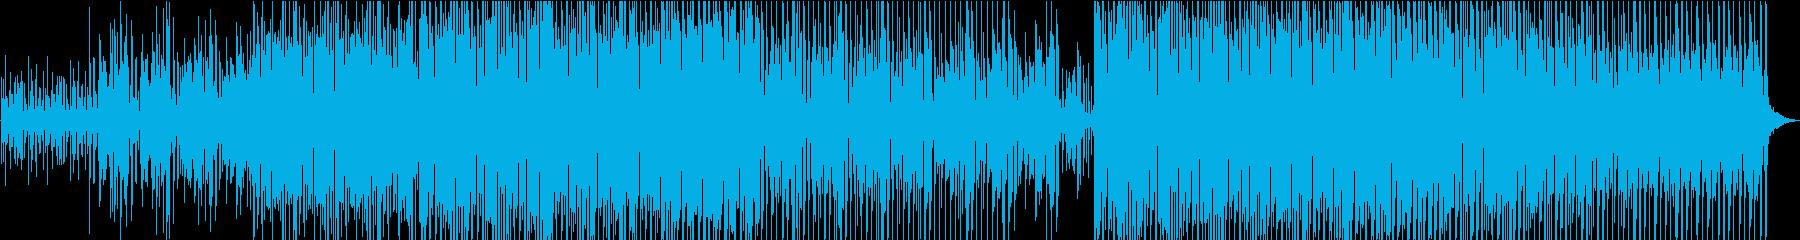 ボーカルフック、非常に深いサウンド...の再生済みの波形